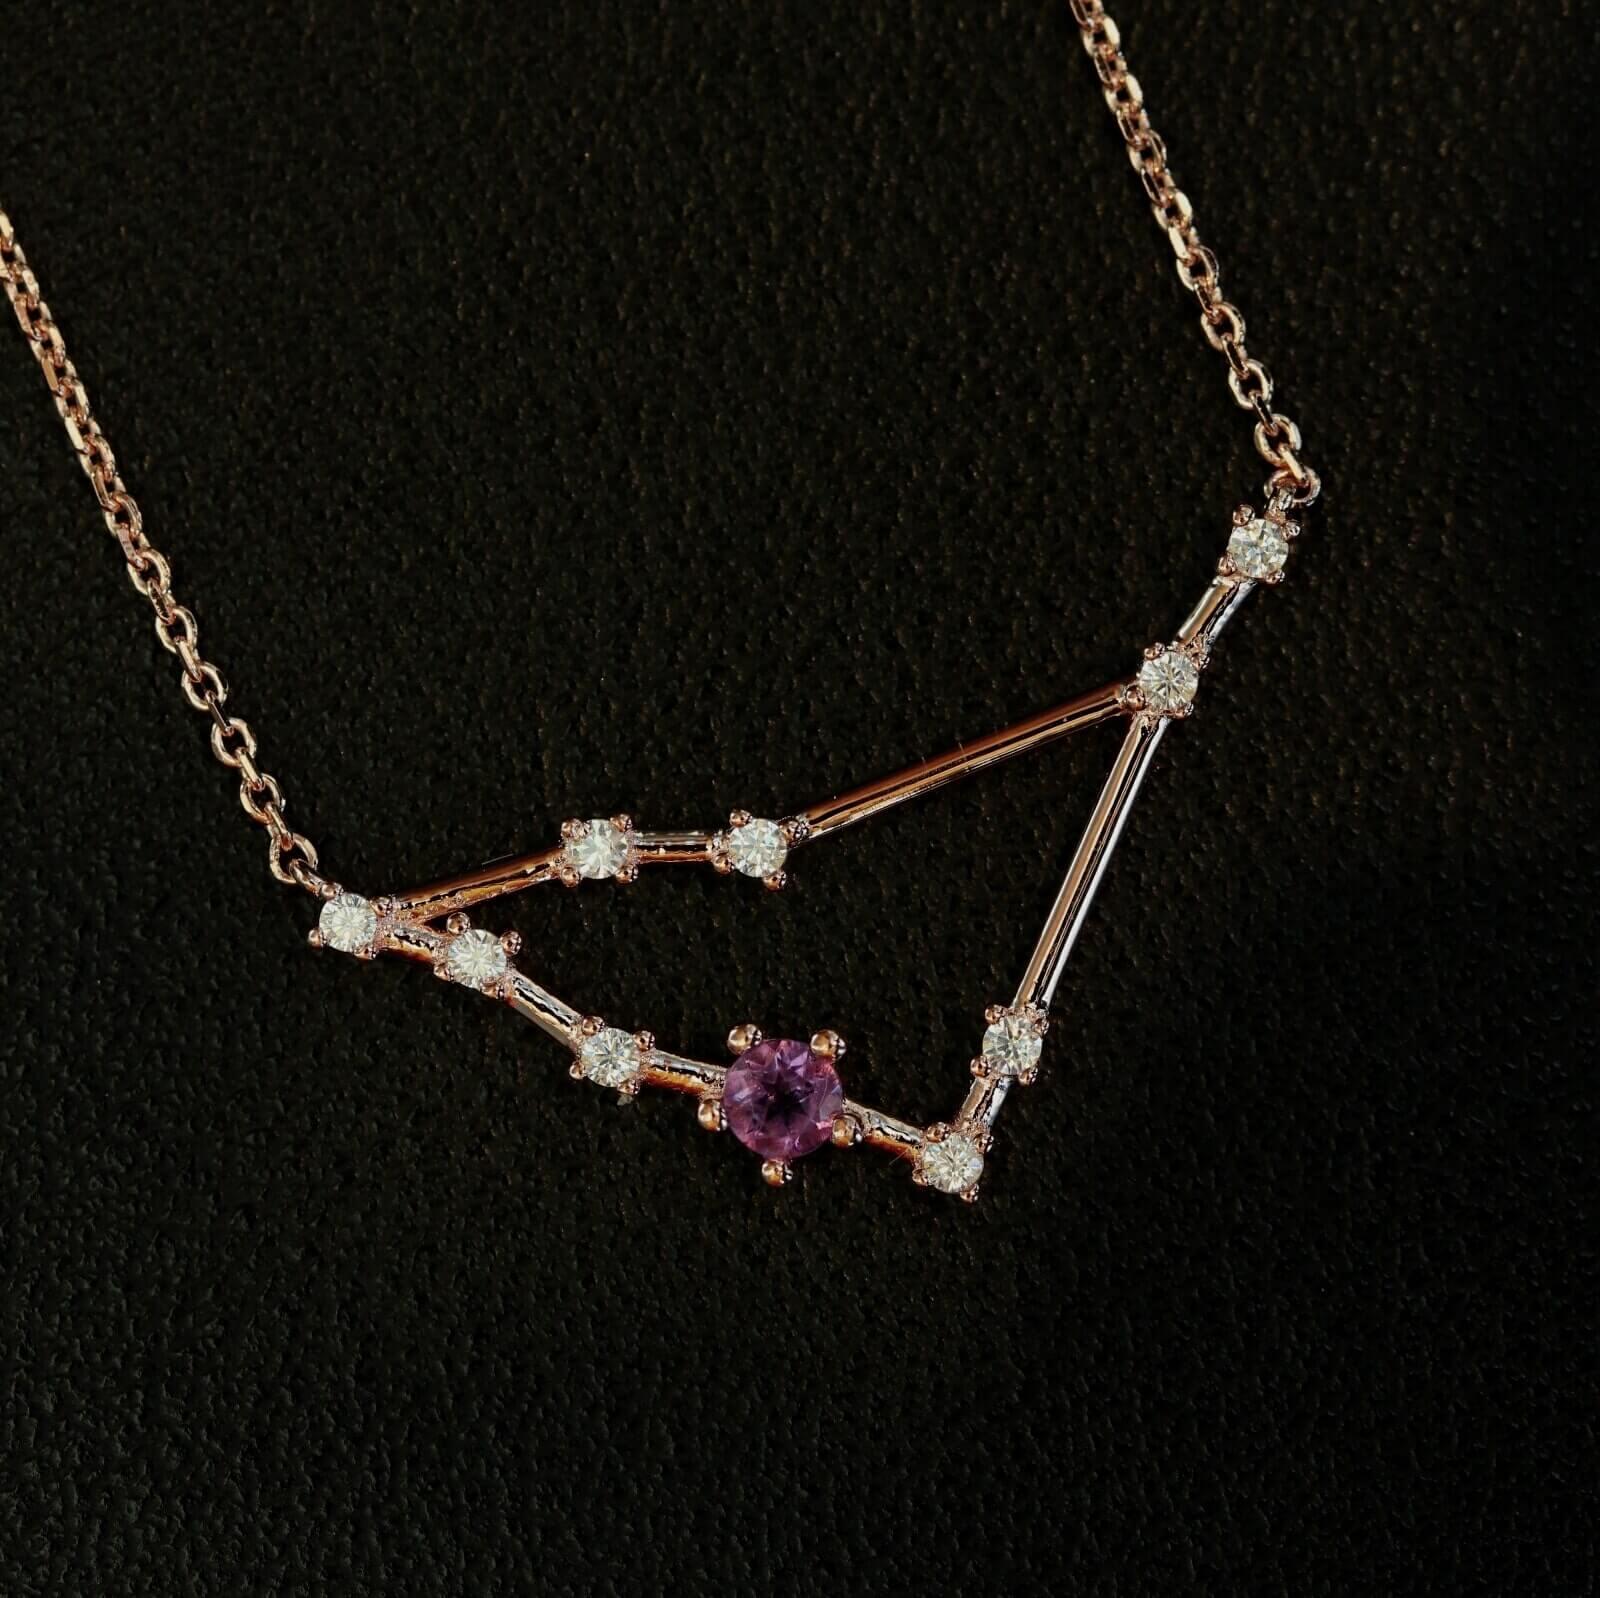 Silberanhänger Sternbild Steinbock mit einem Amazonit und Zirkonen